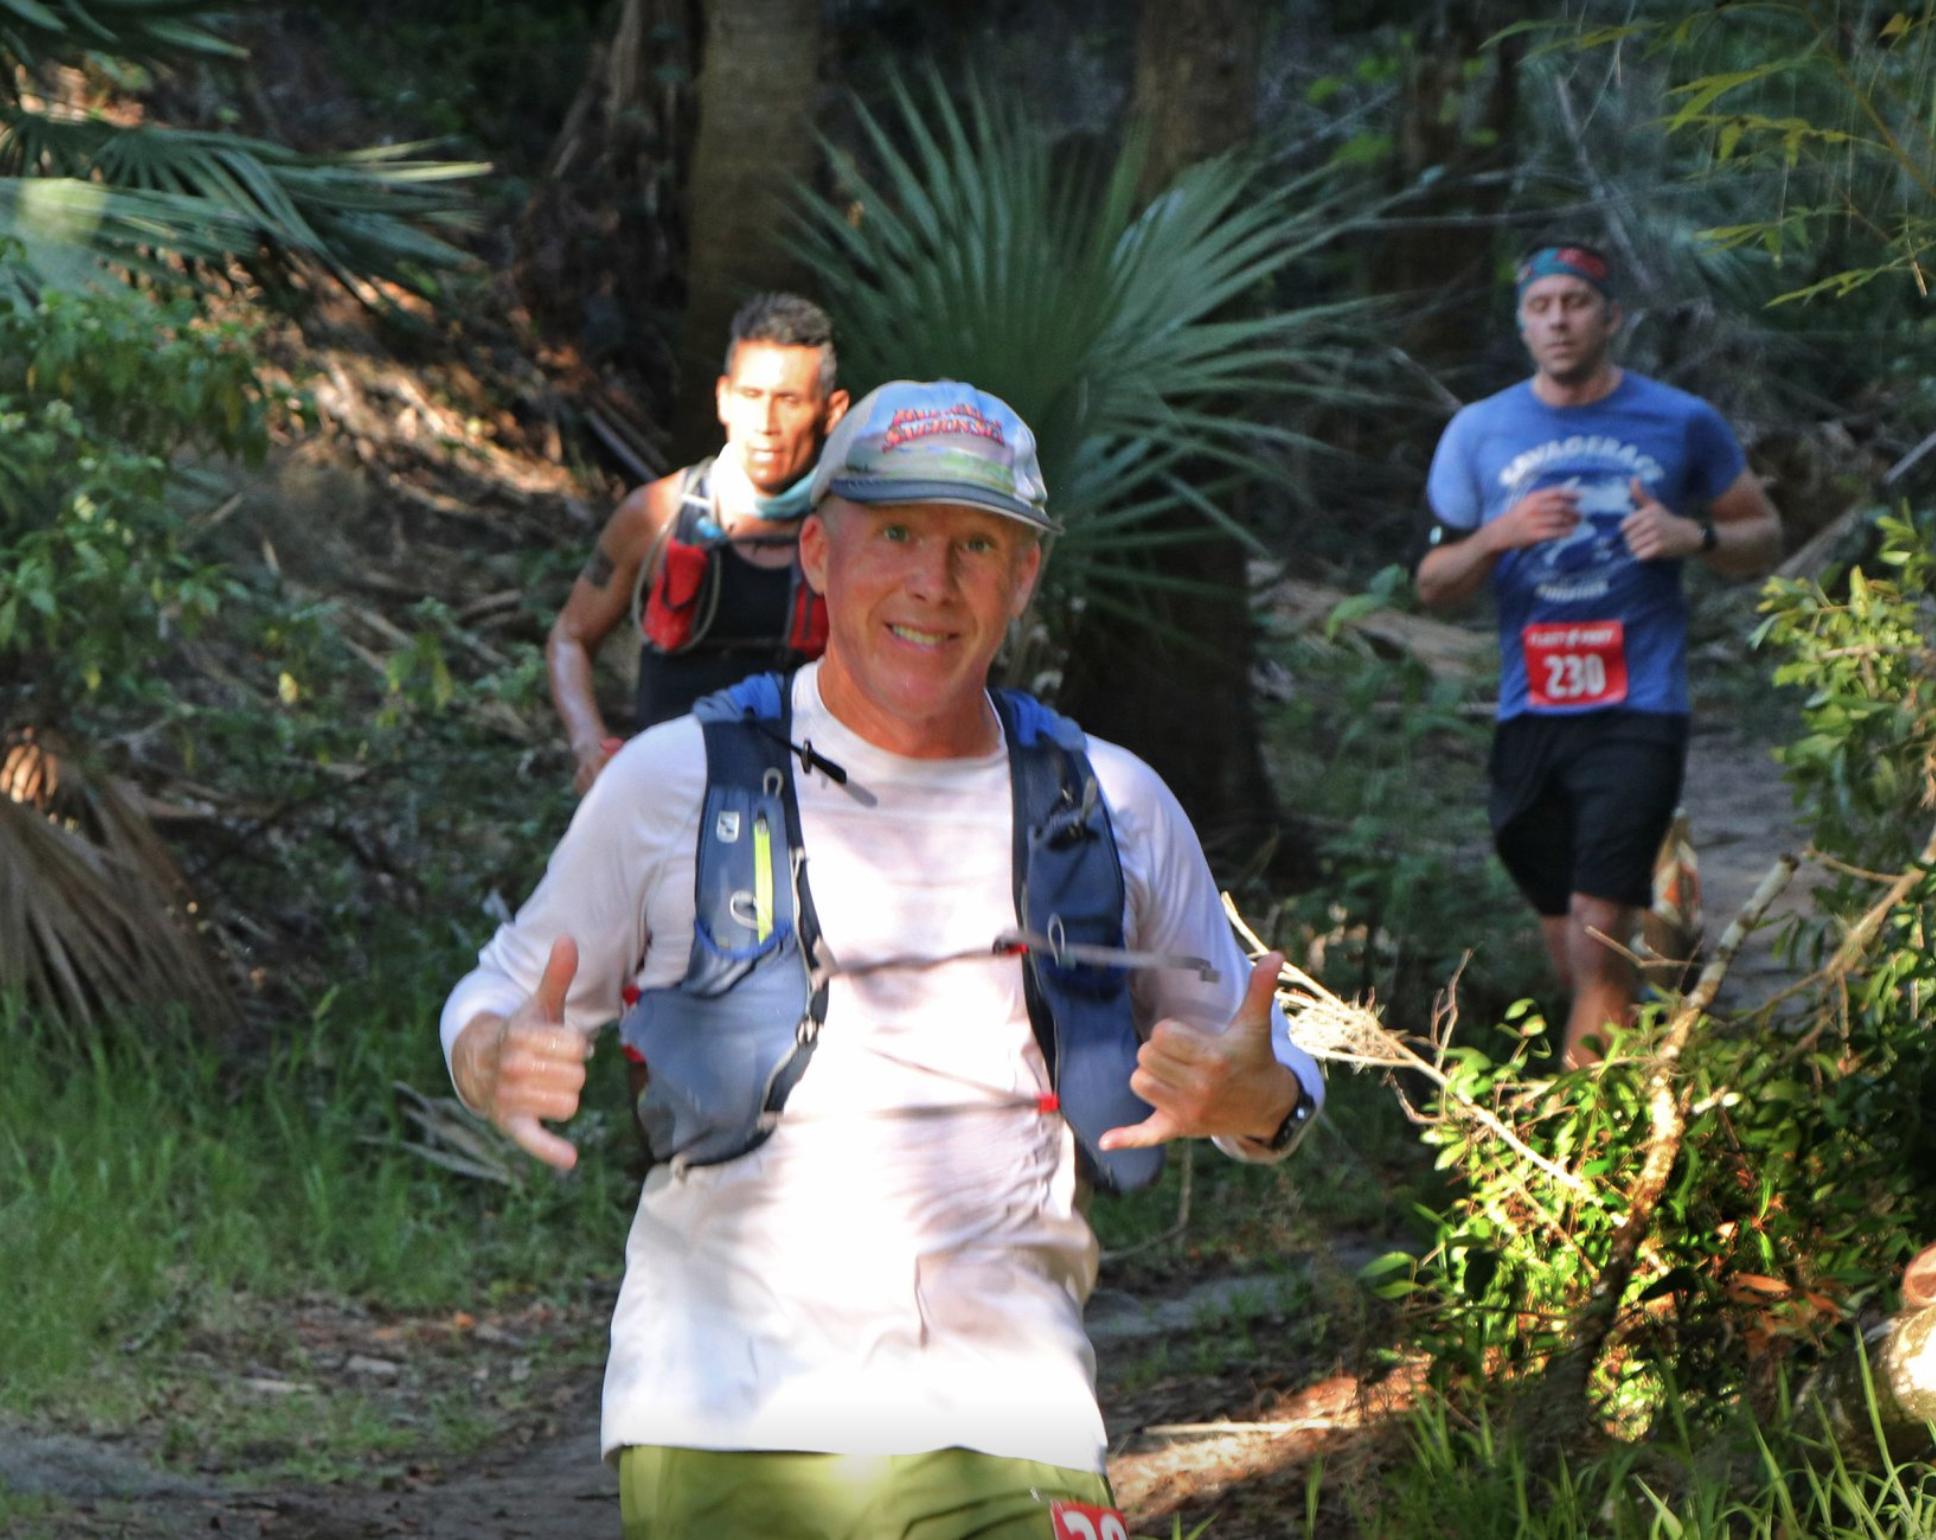 Runner on the trail posing